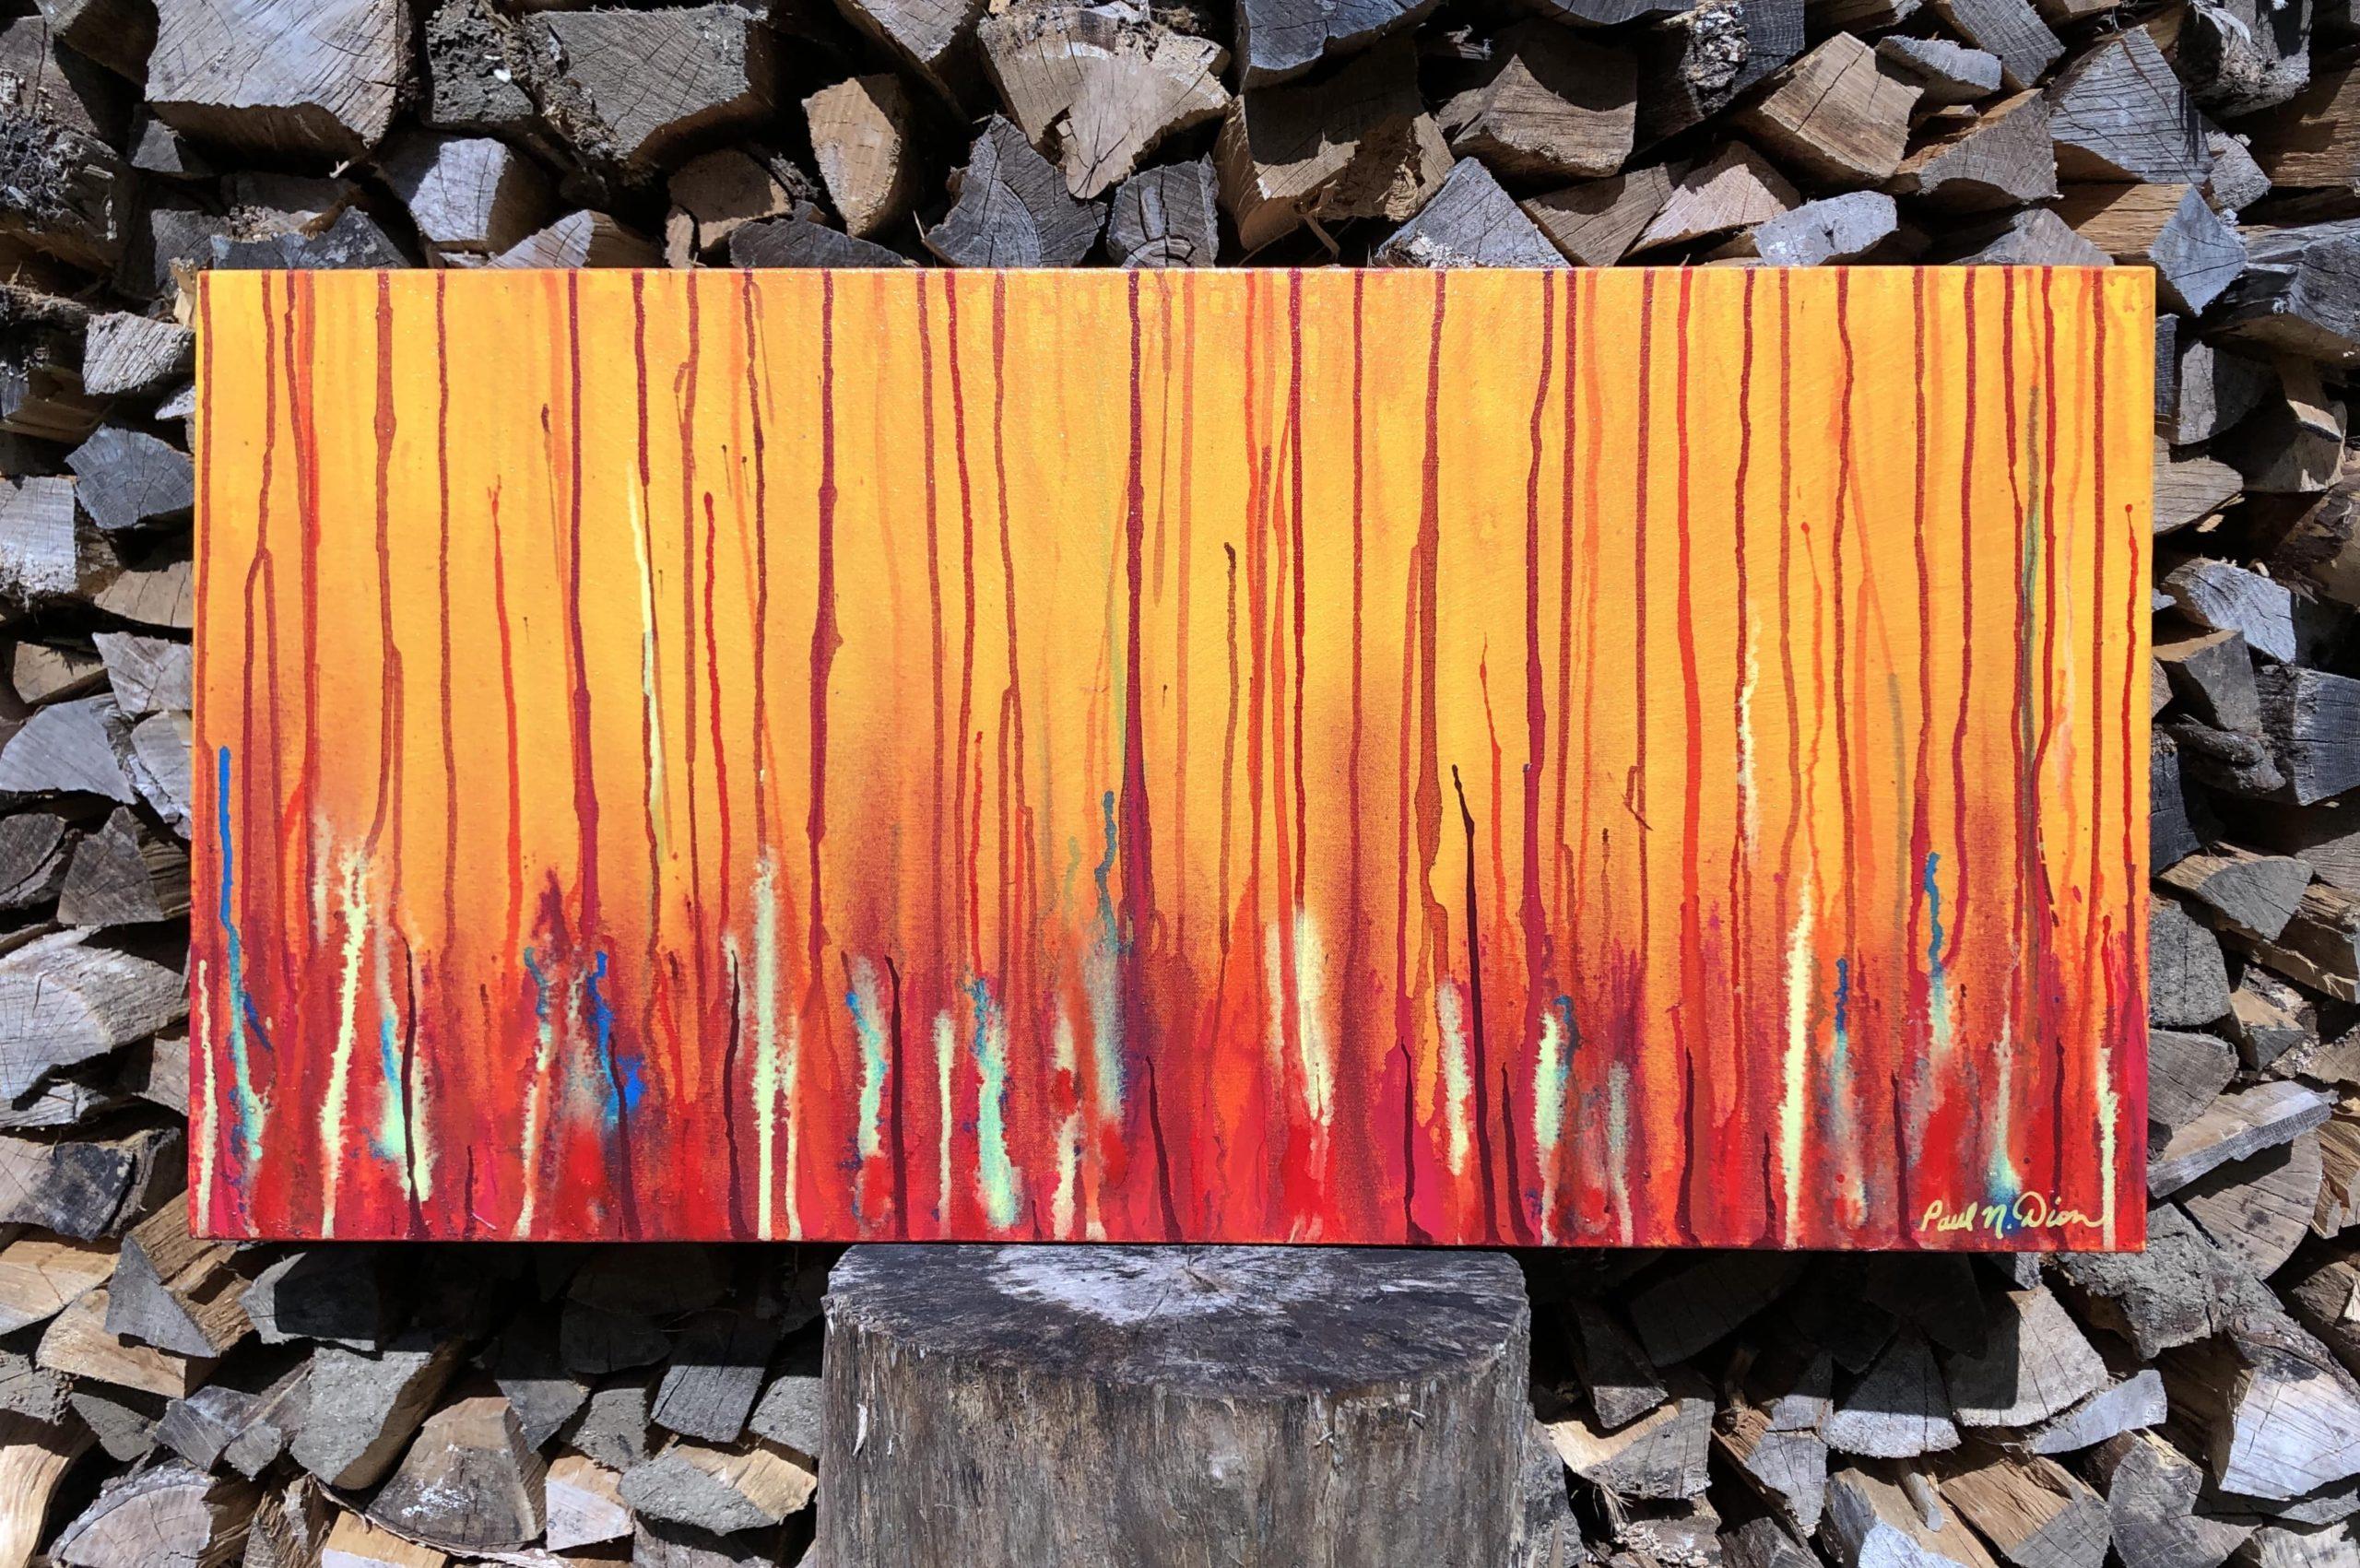 Fire Below One